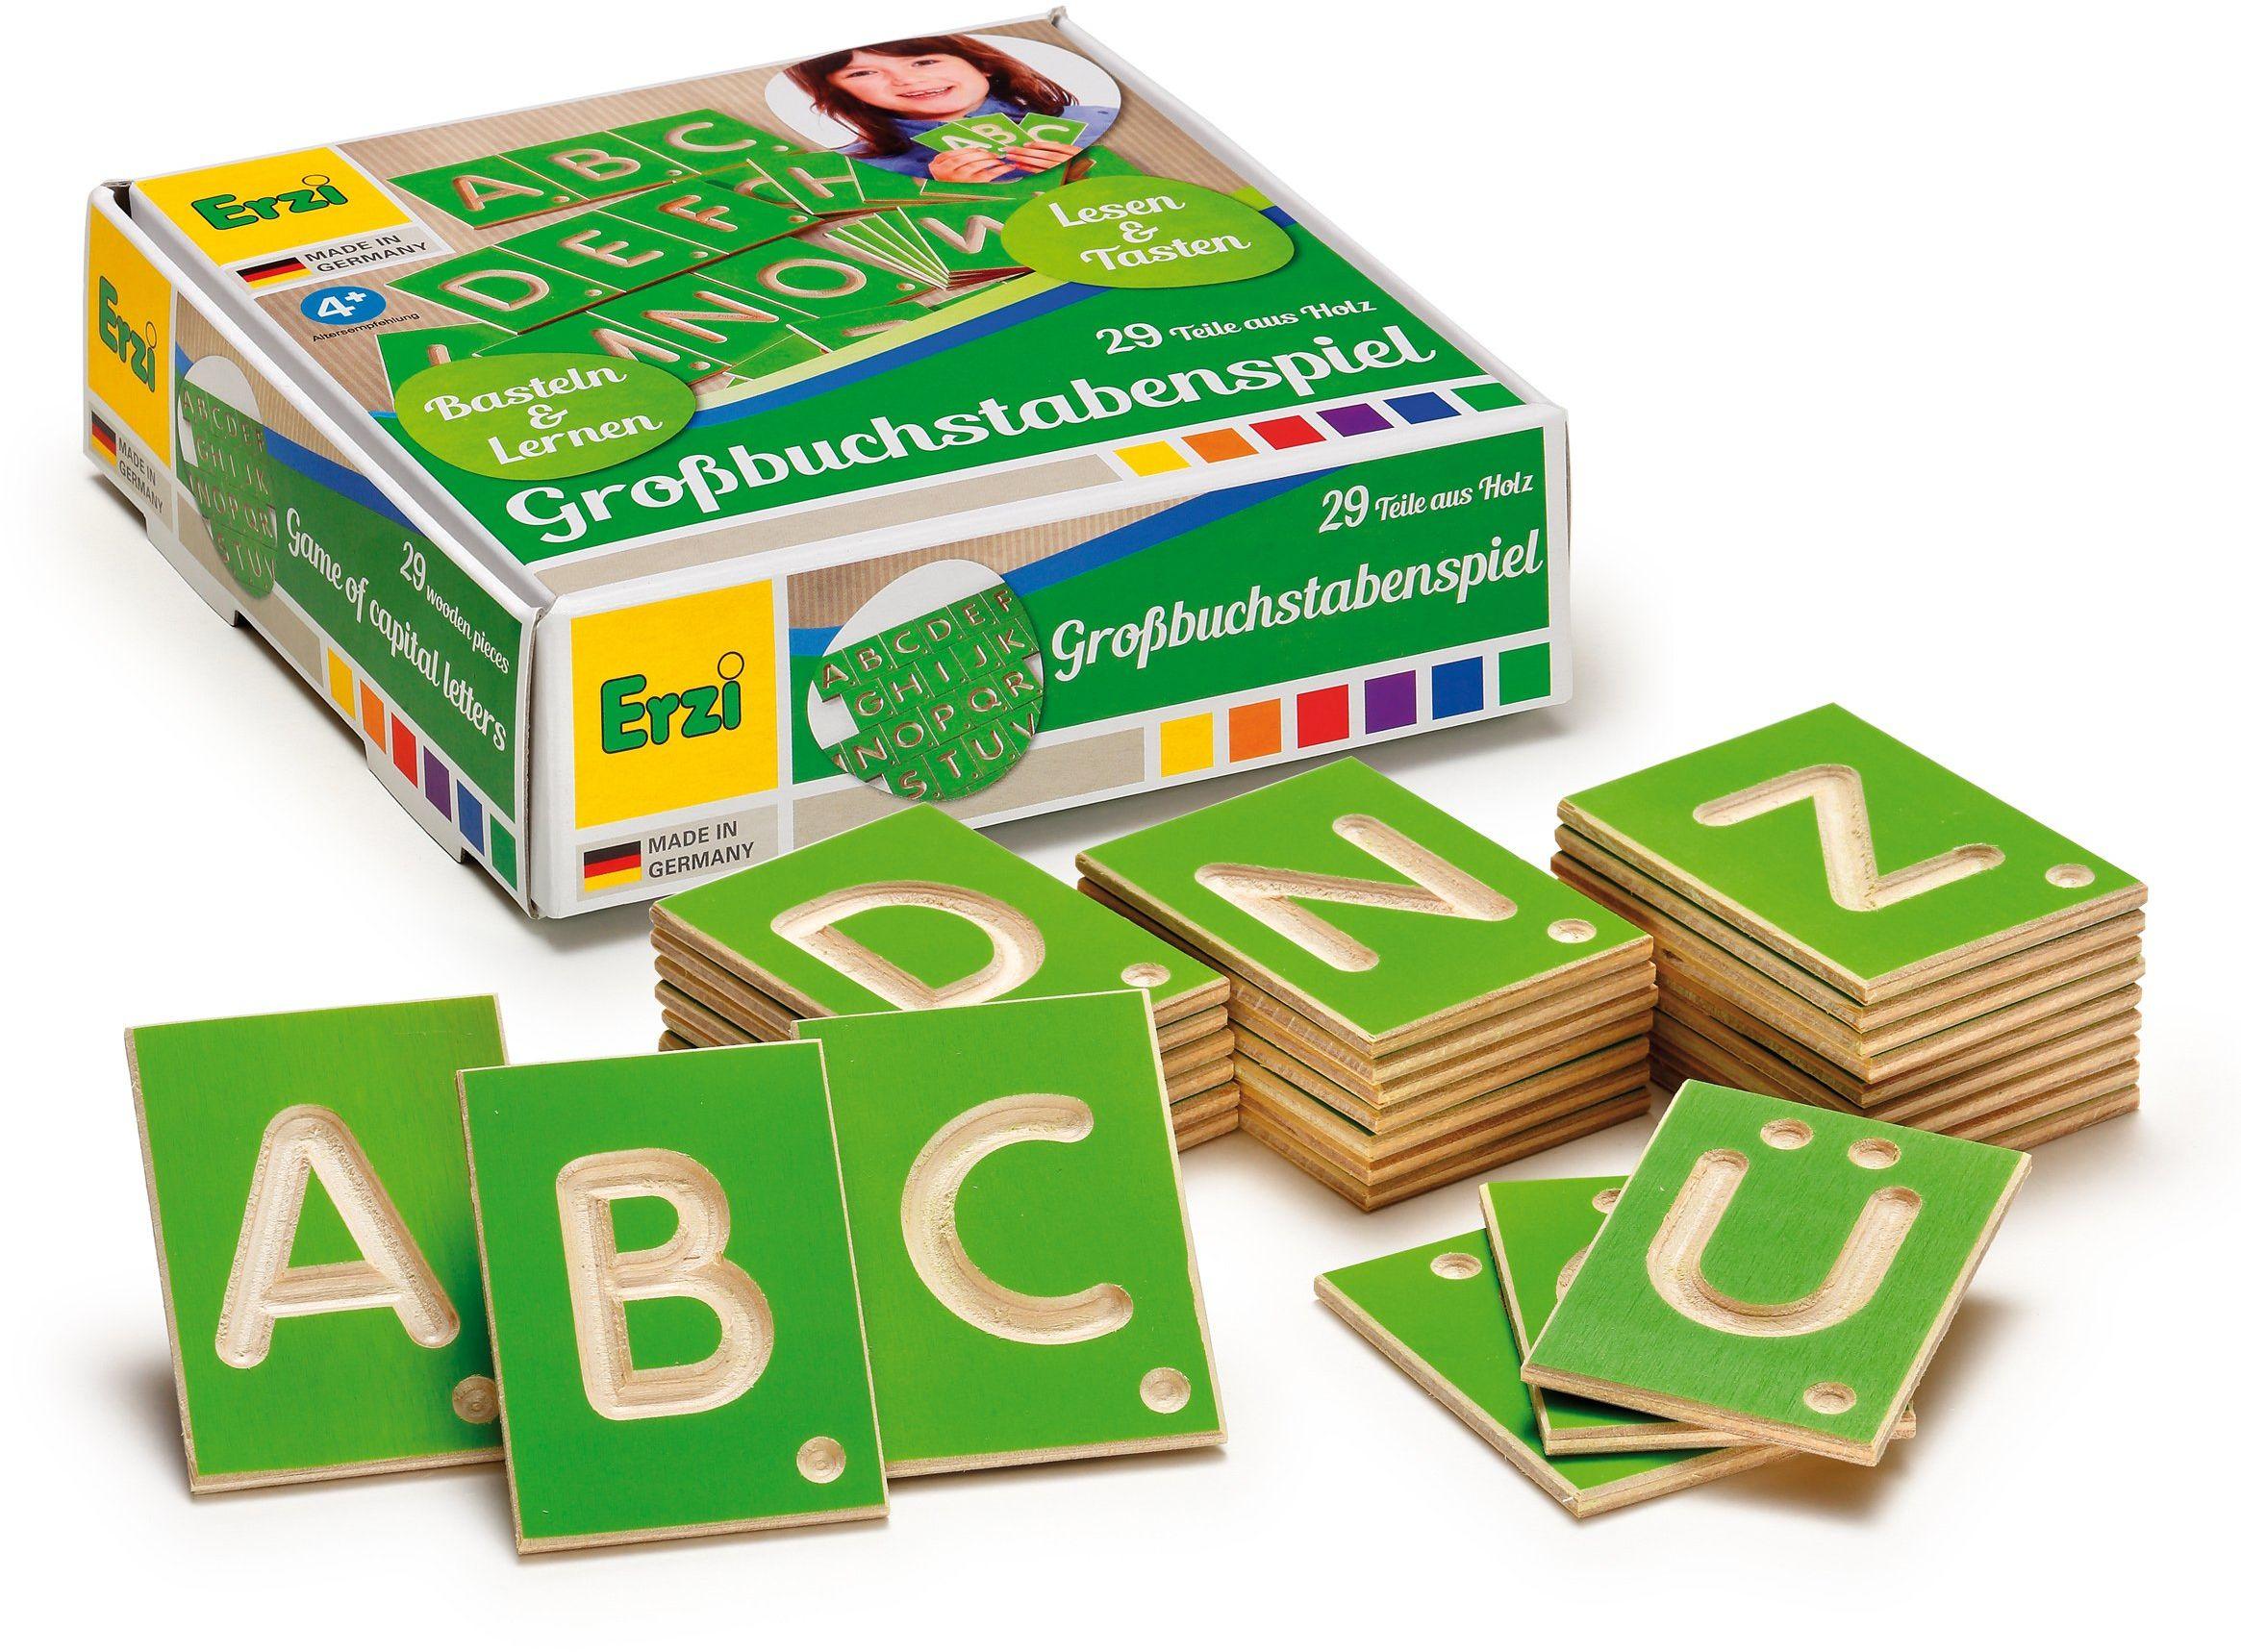 Erzi Niemiecka drewniana zabawka edukacyjna wielkie litery